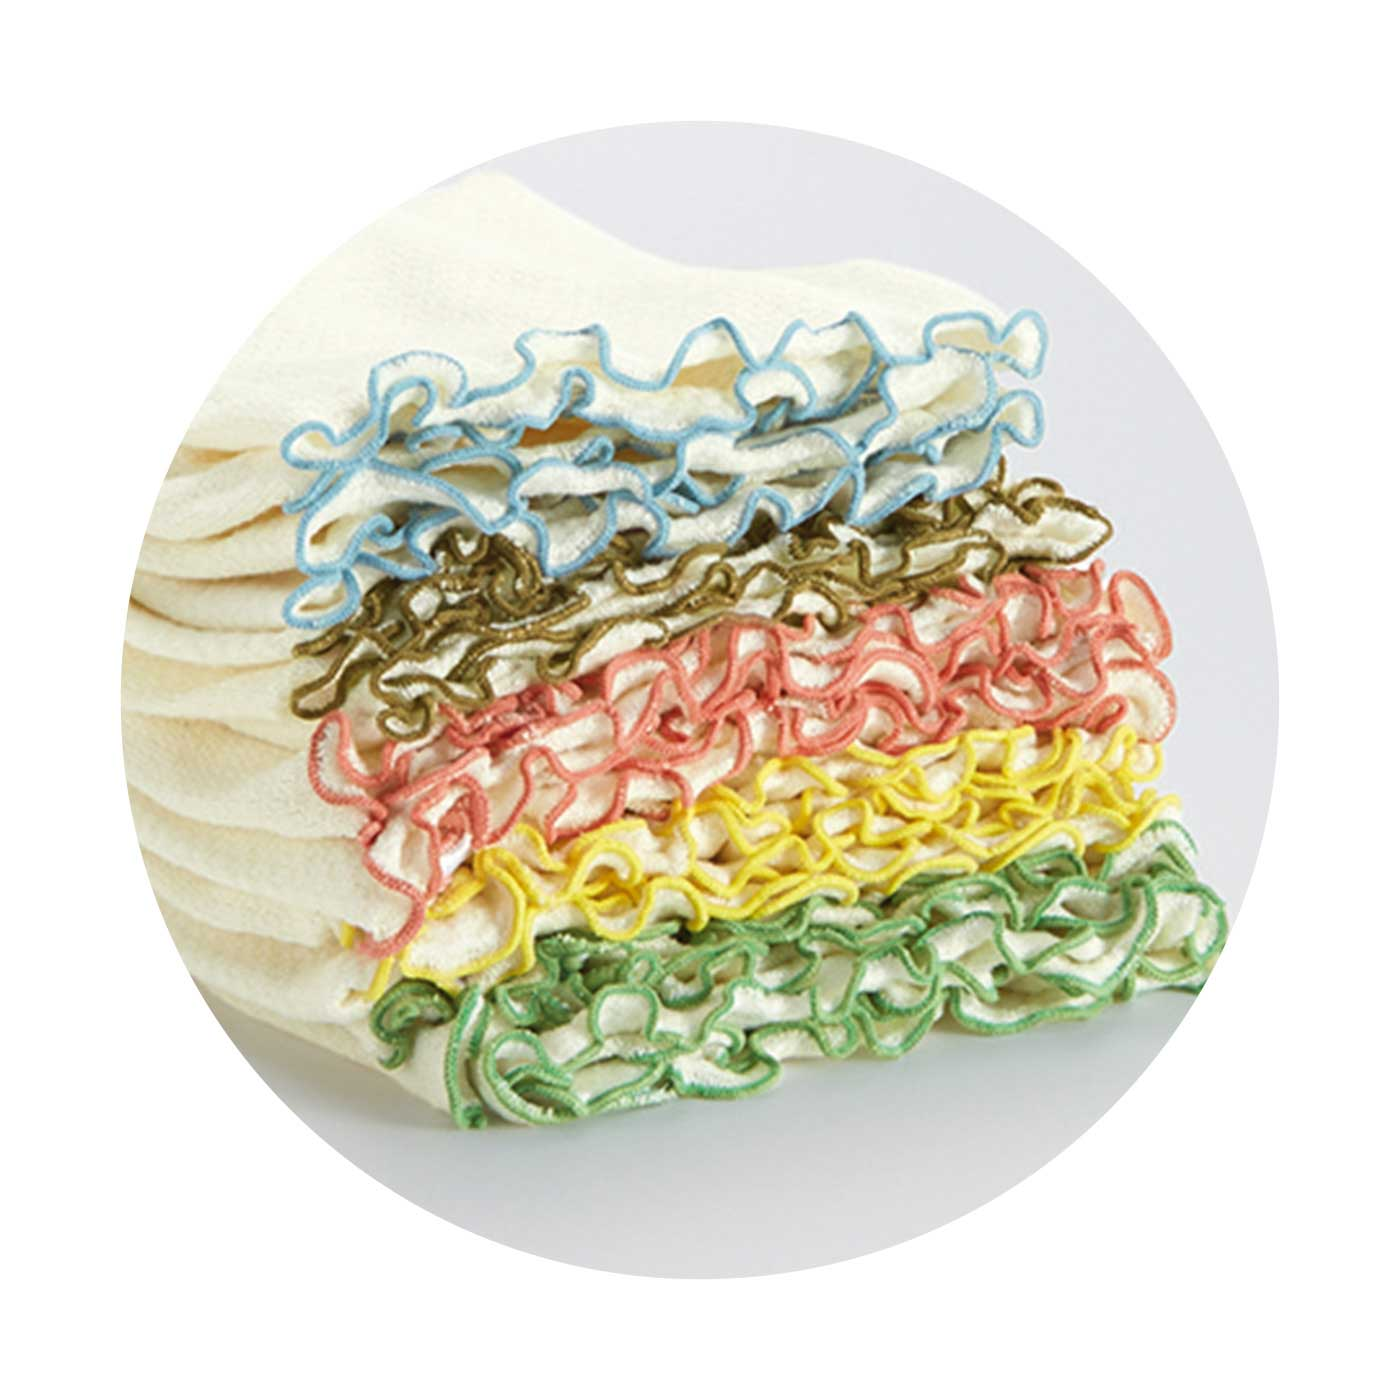 「絹紡糸(けんぼうし)」を採用した繊細なシルクニット仕上げ。